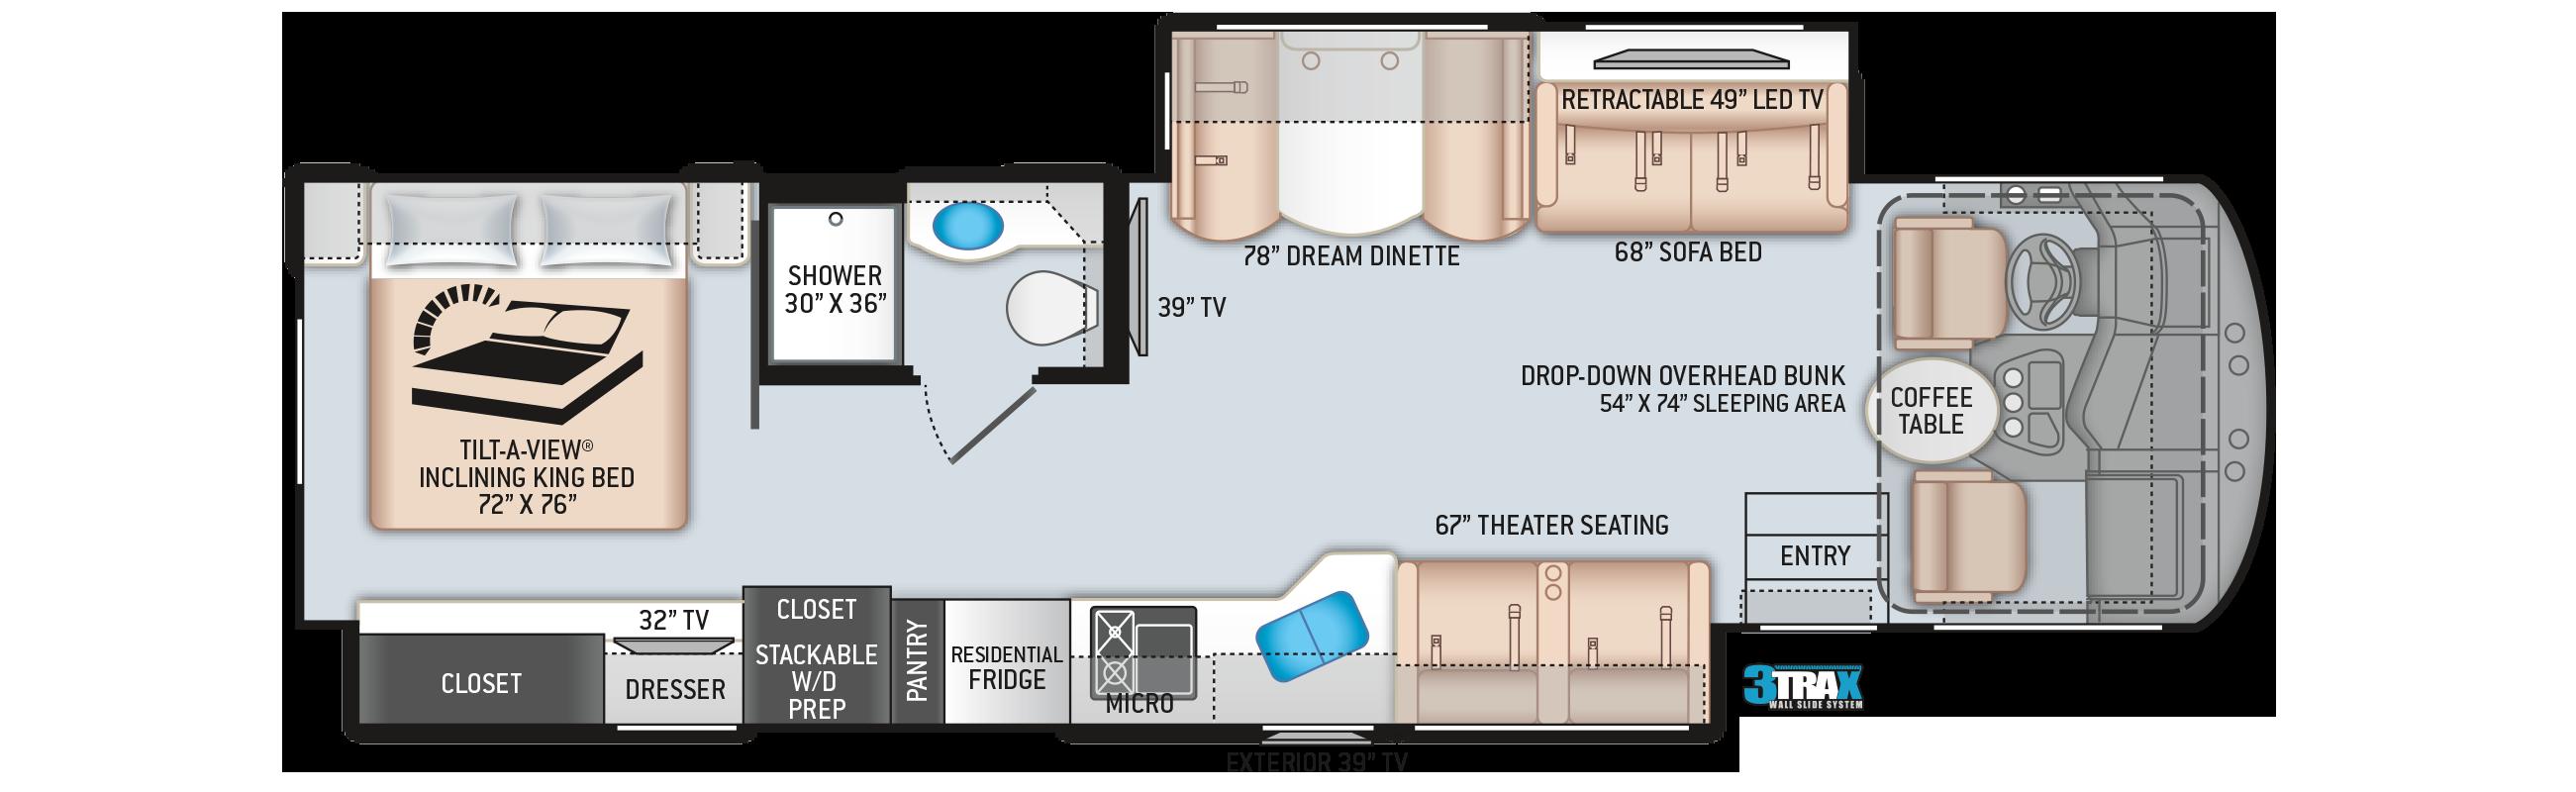 Miramar Class A Motorhome 35.2 Floor Plan